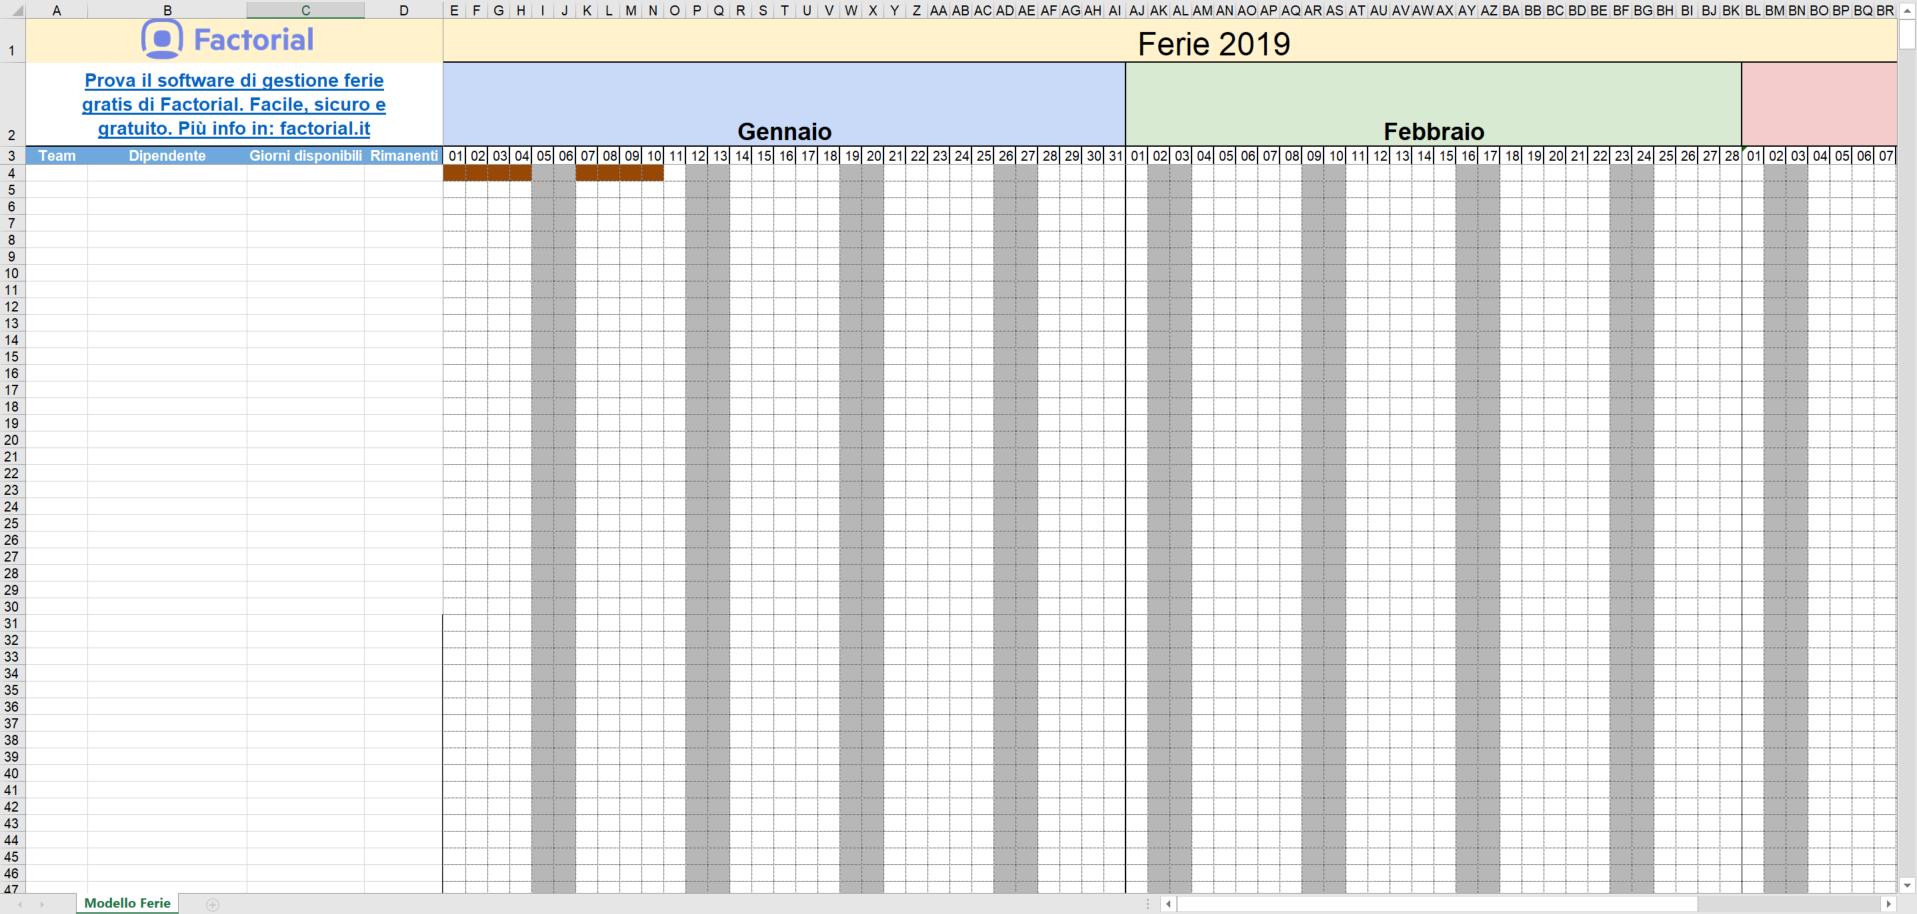 Calendario Dicembre 2019 Excel.Gestione Ferie Dei Dipendenti Con Excel Modello 2019